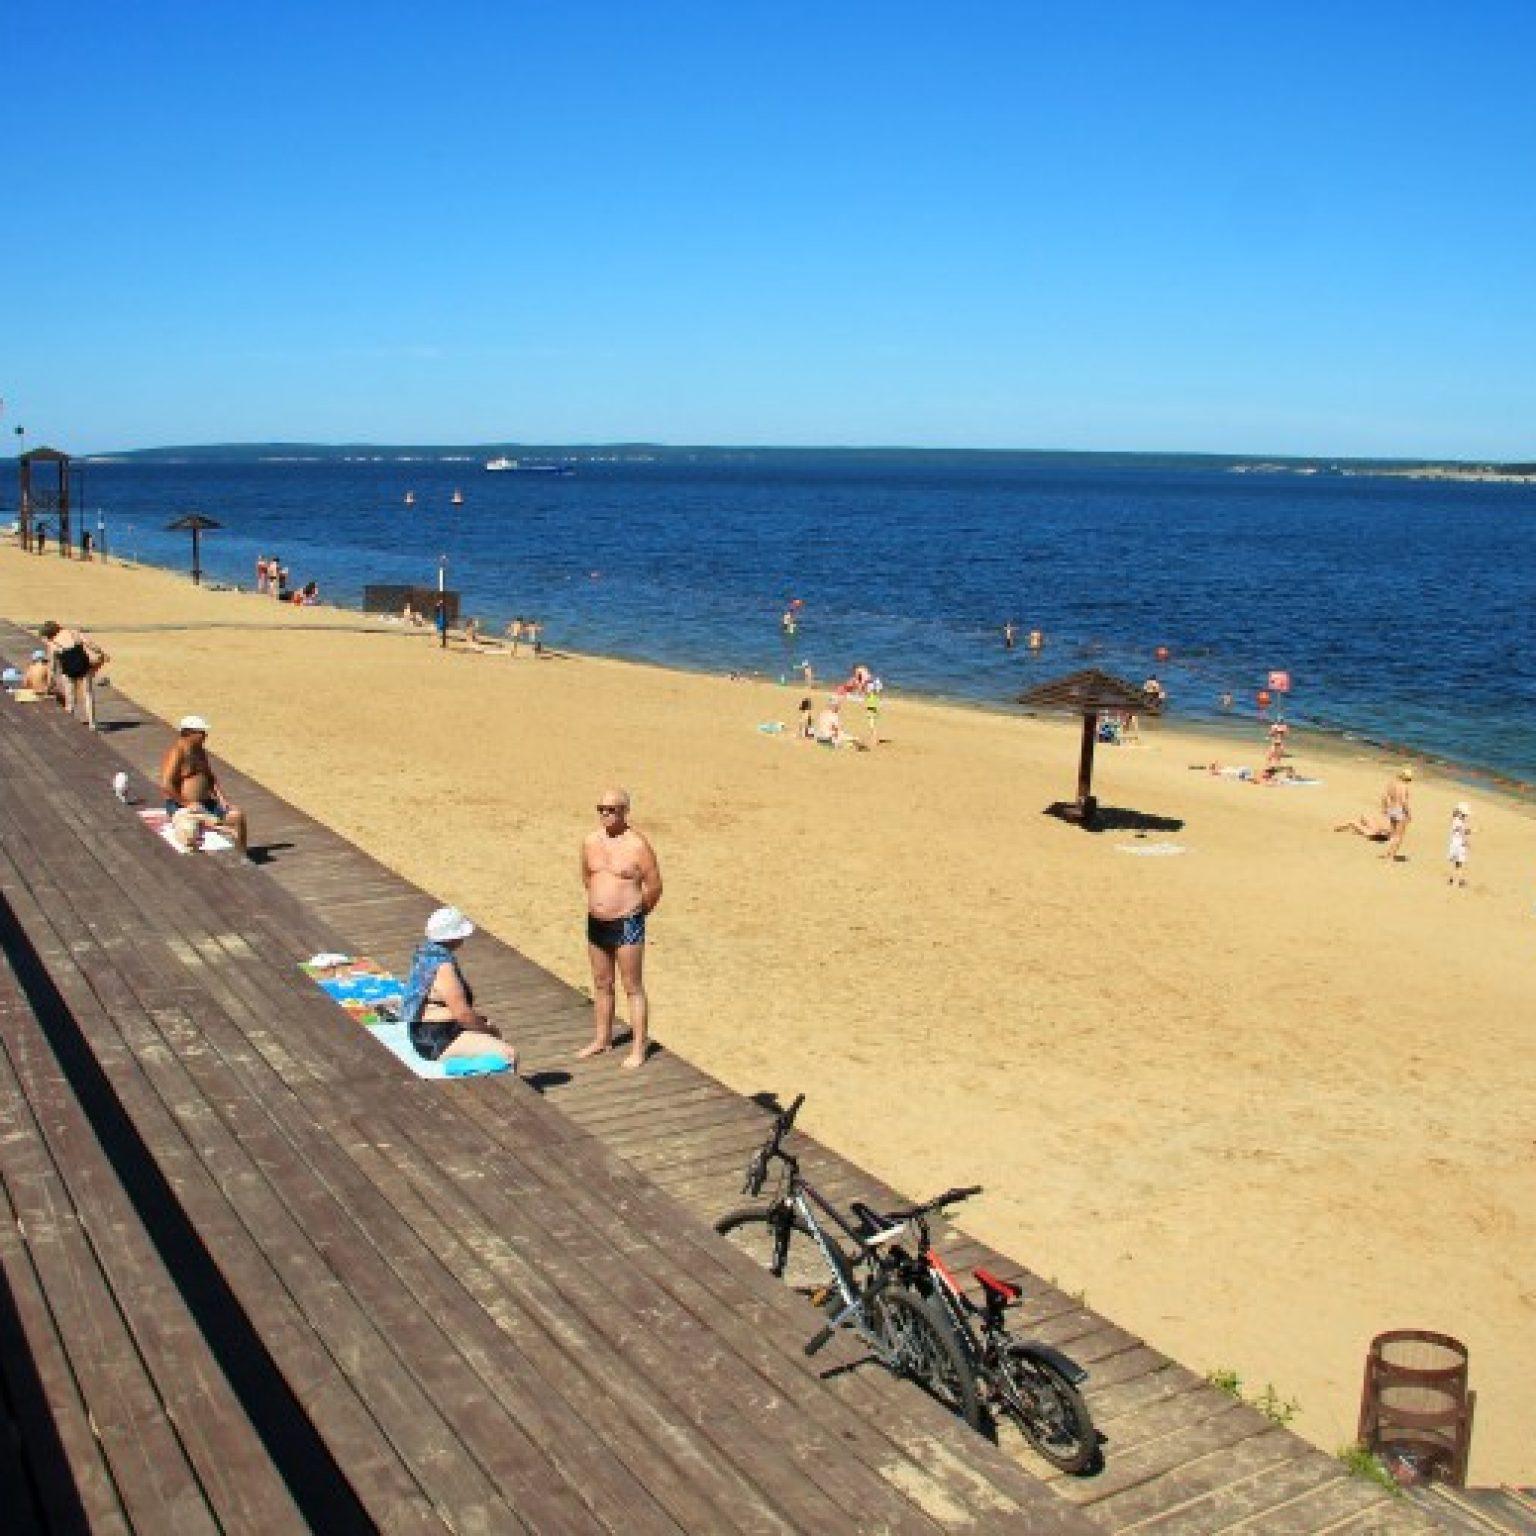 Достопримечательности Чебоксар: Центральный пляж